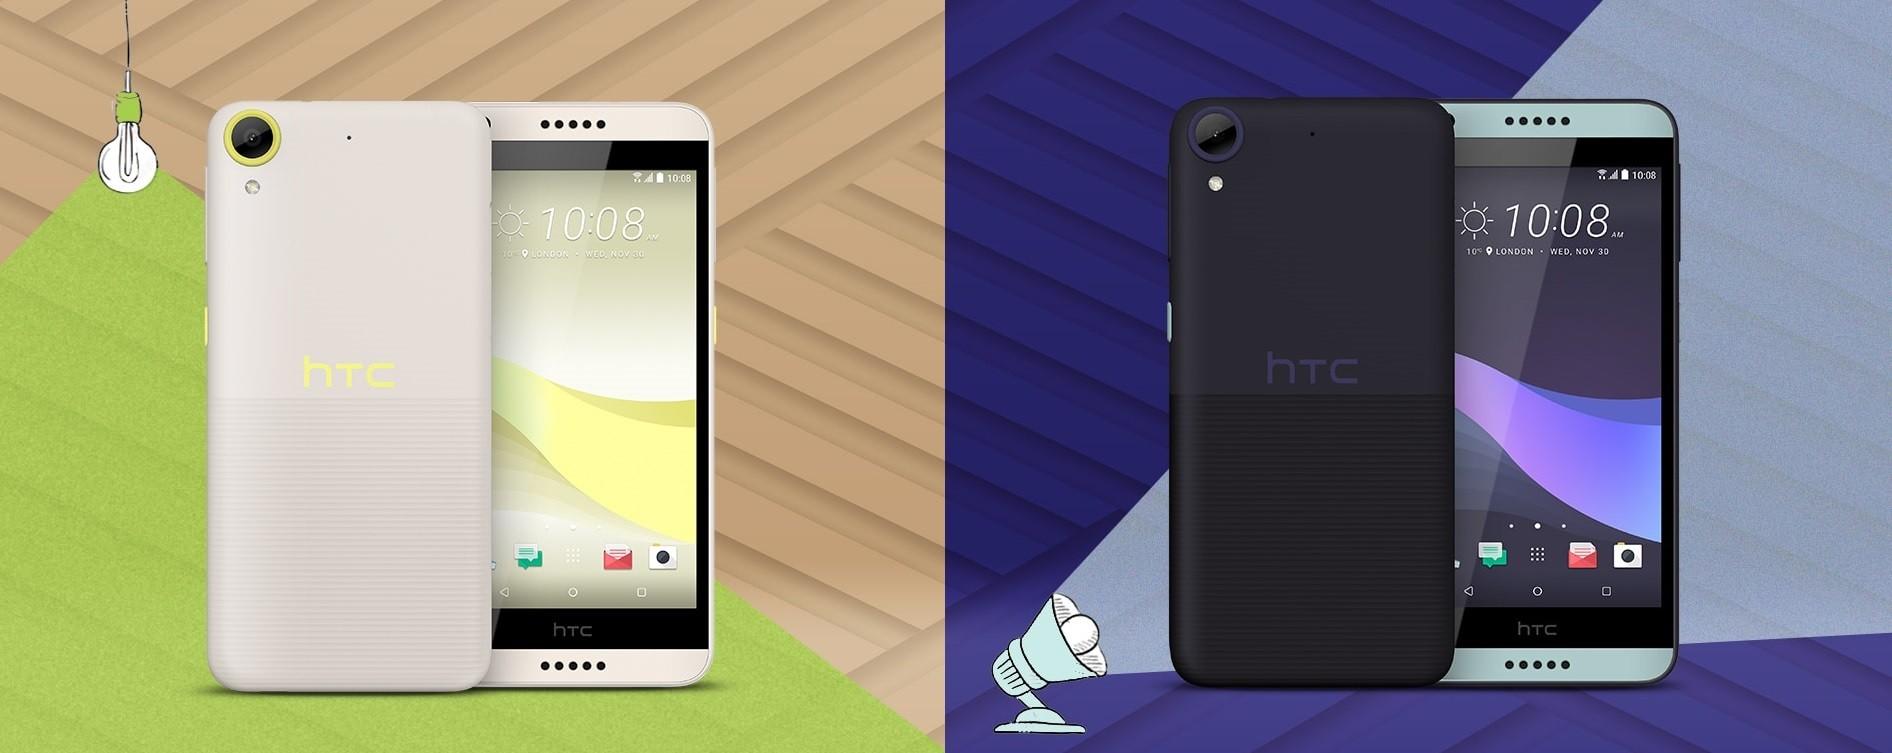 HTC ミッドレンジスマホ「Desire 650」を発表